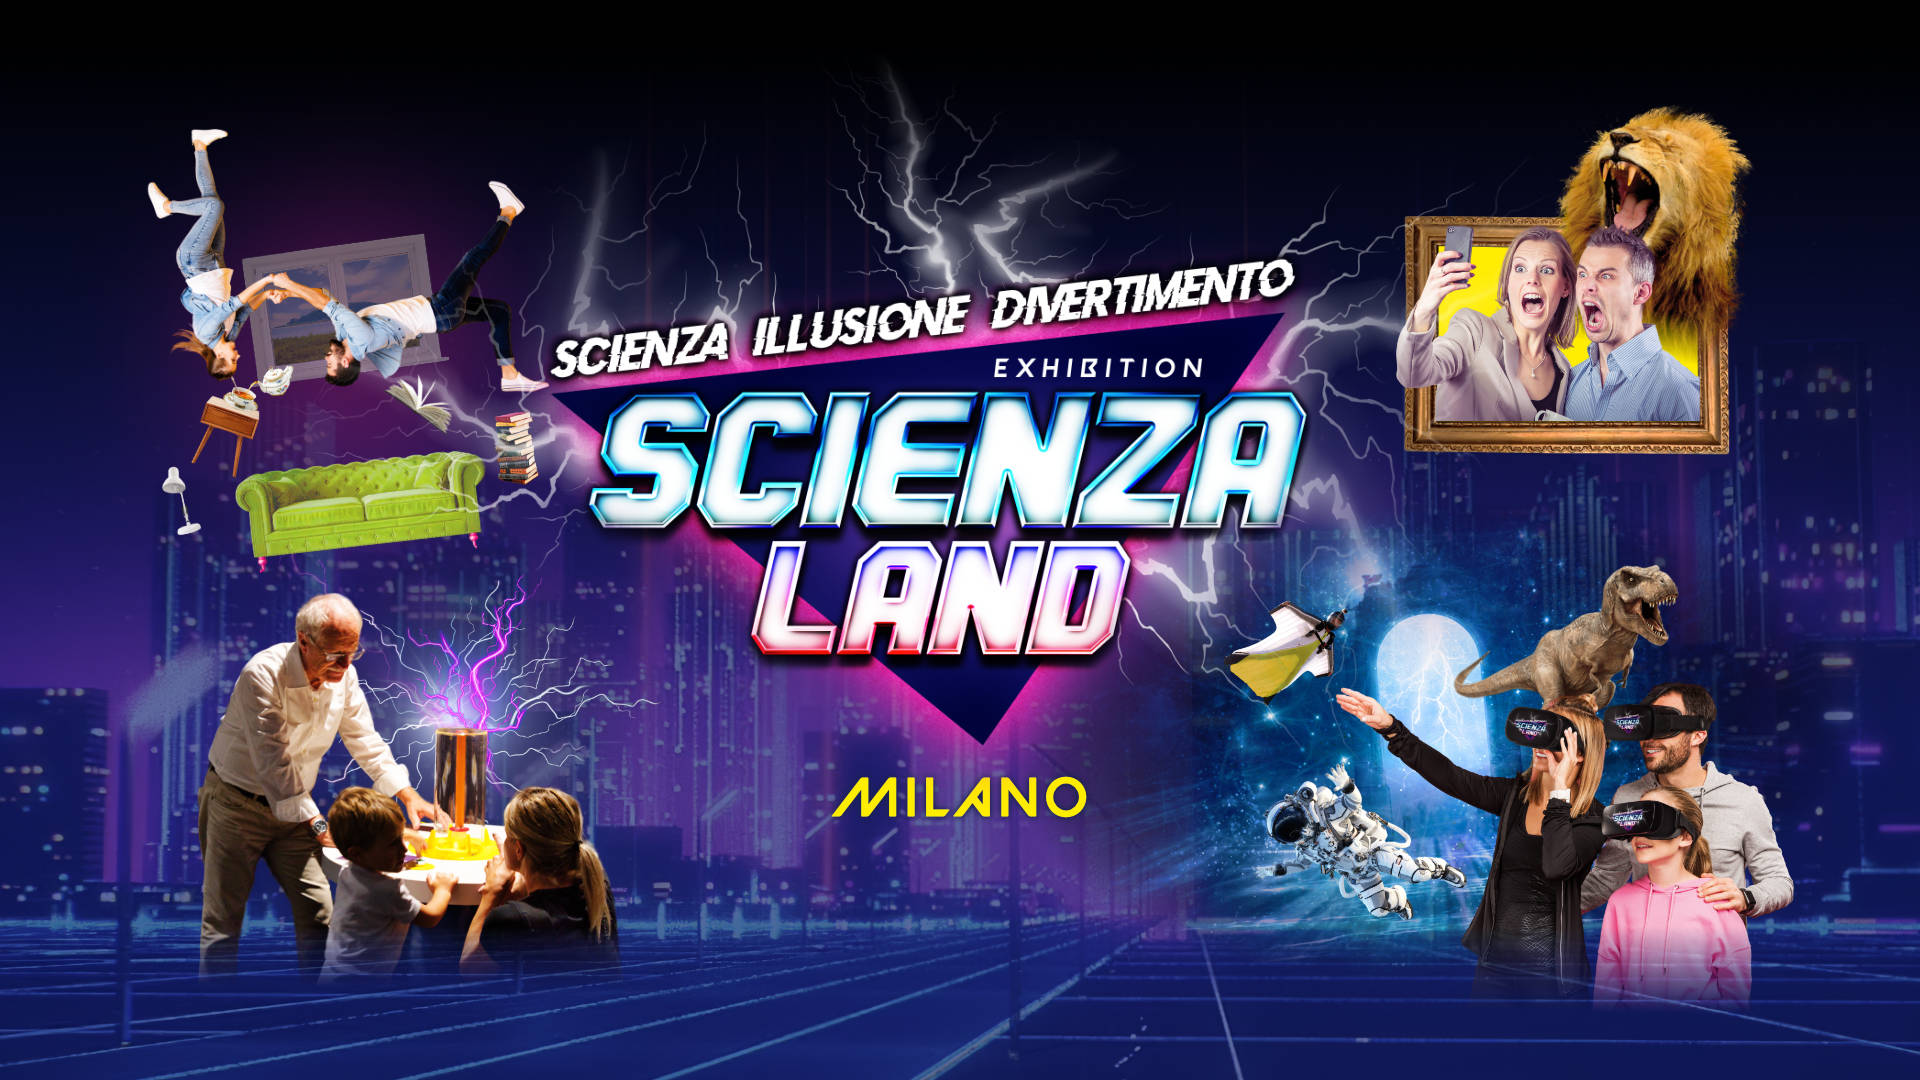 scienzaland milano mostra scienza milano